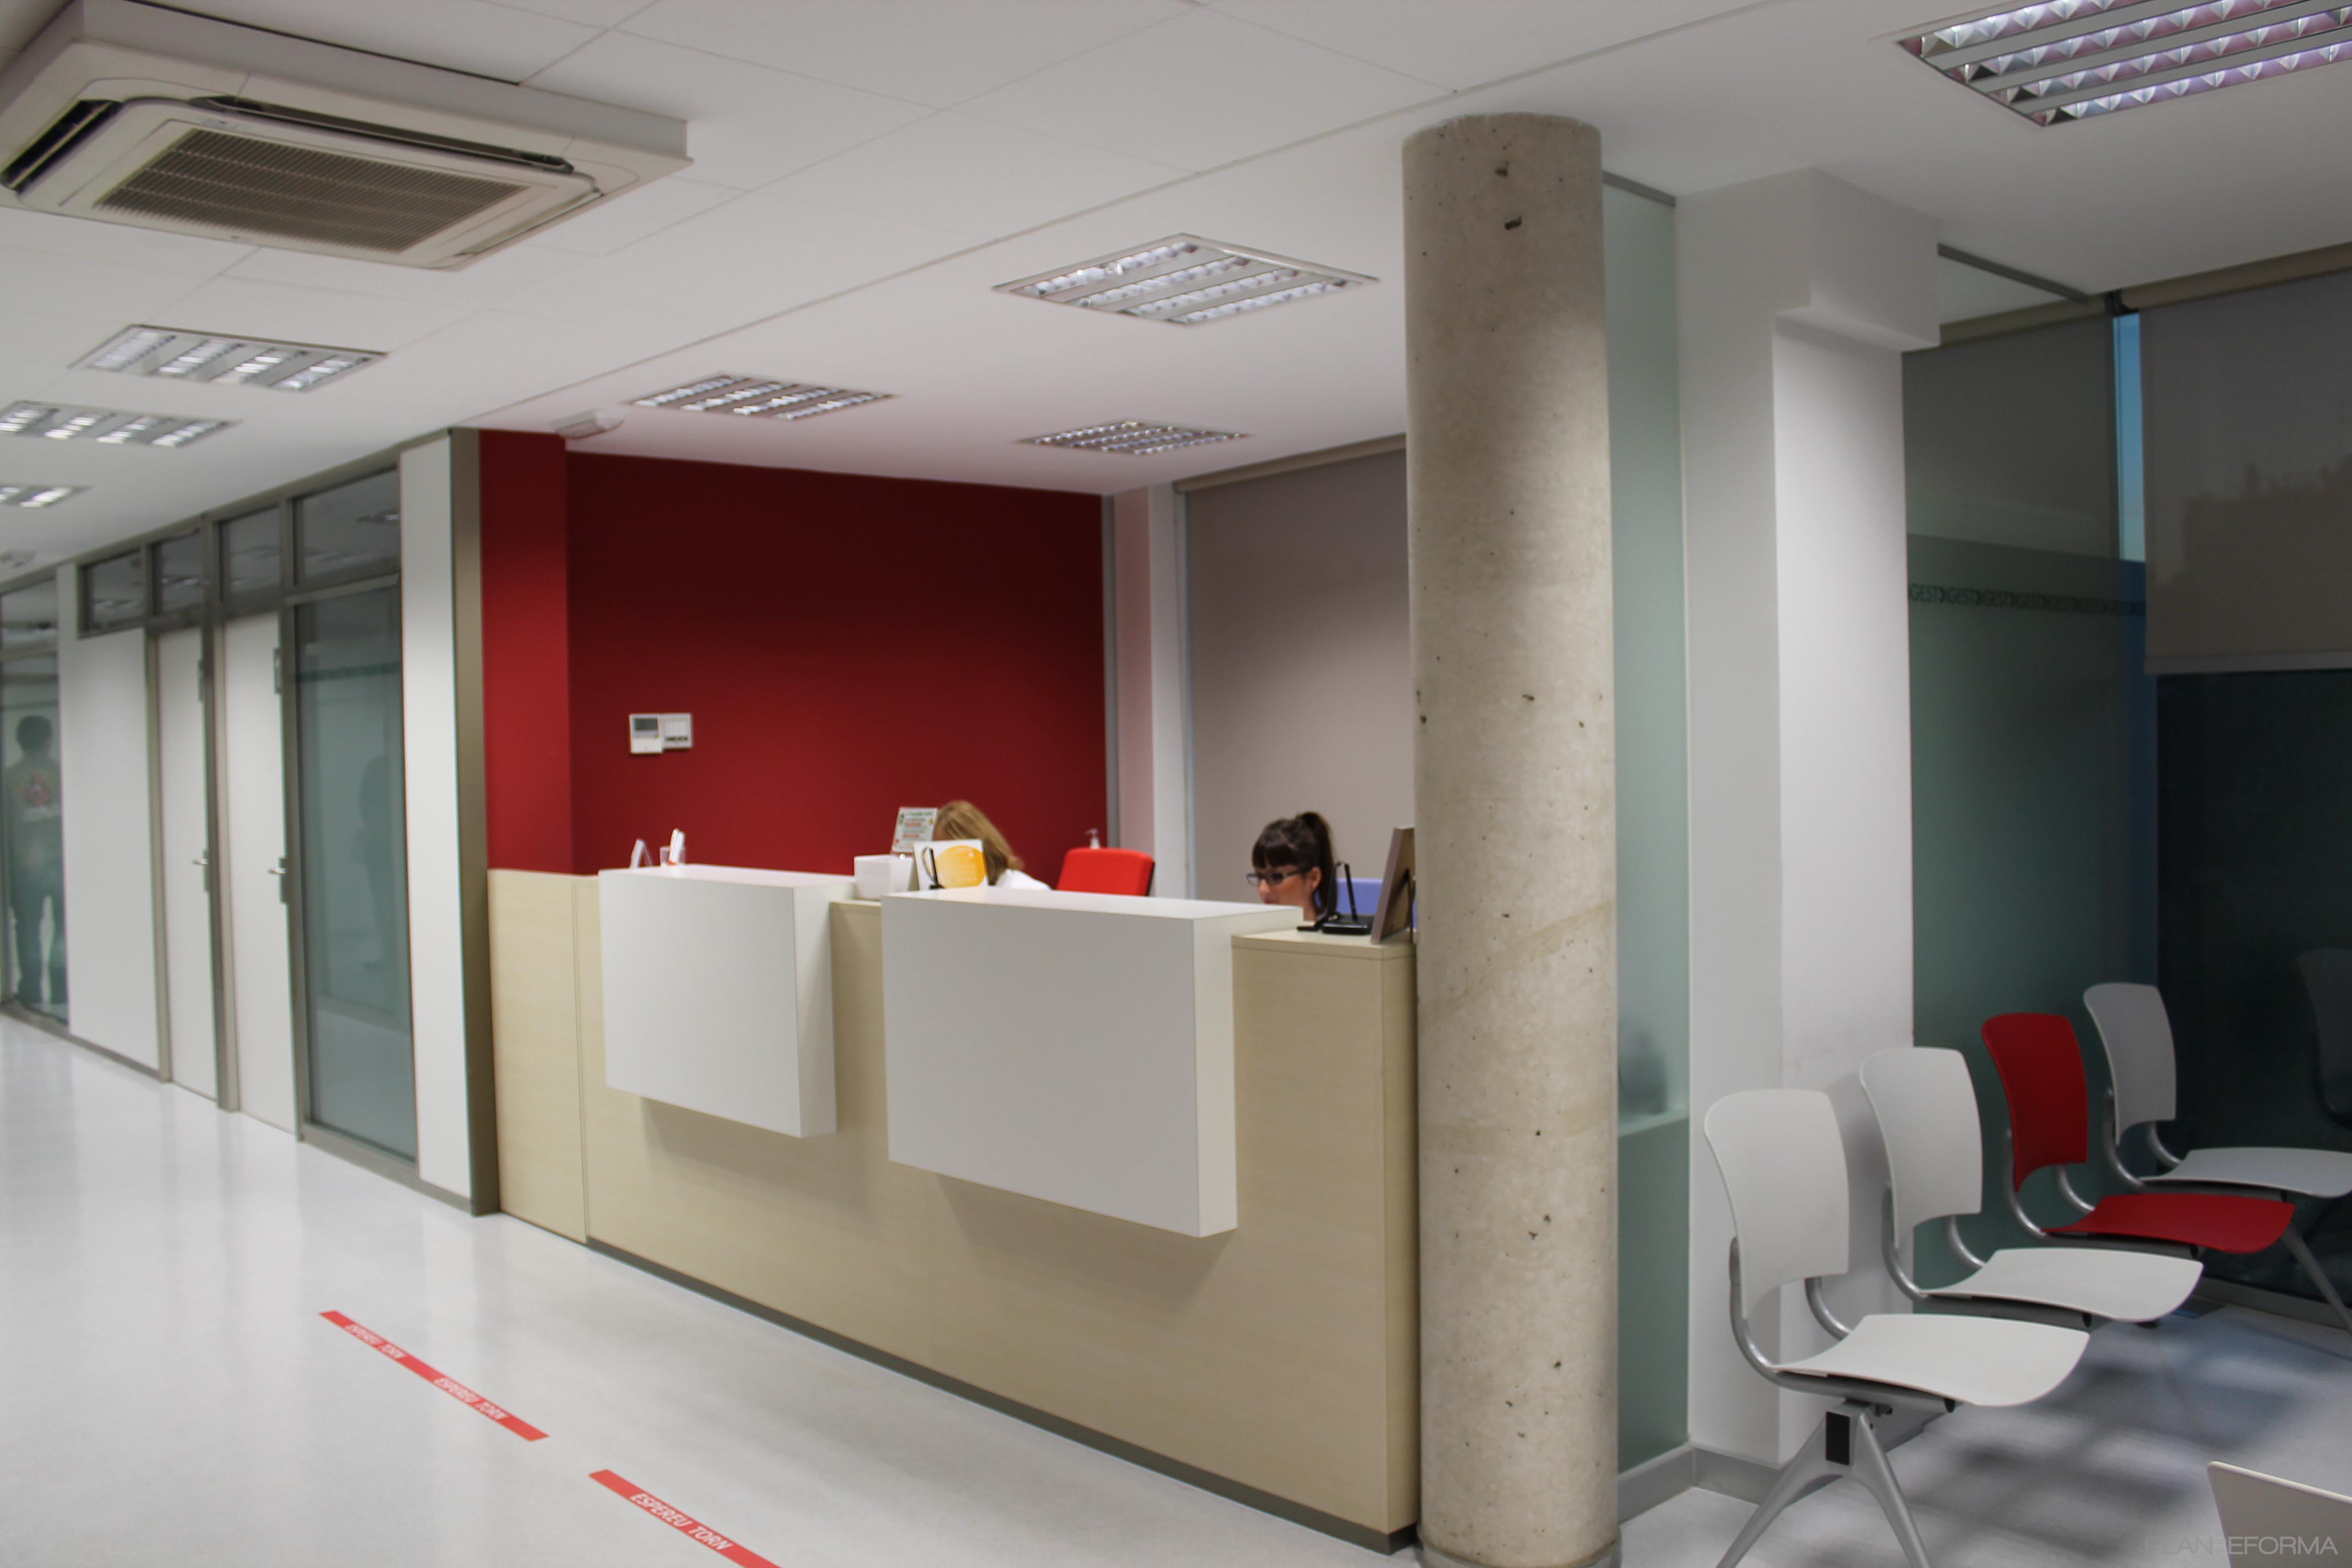 Vestibulo oficina estilo contemporaneo color rojo beige Estilo contemporaneo arquitectura